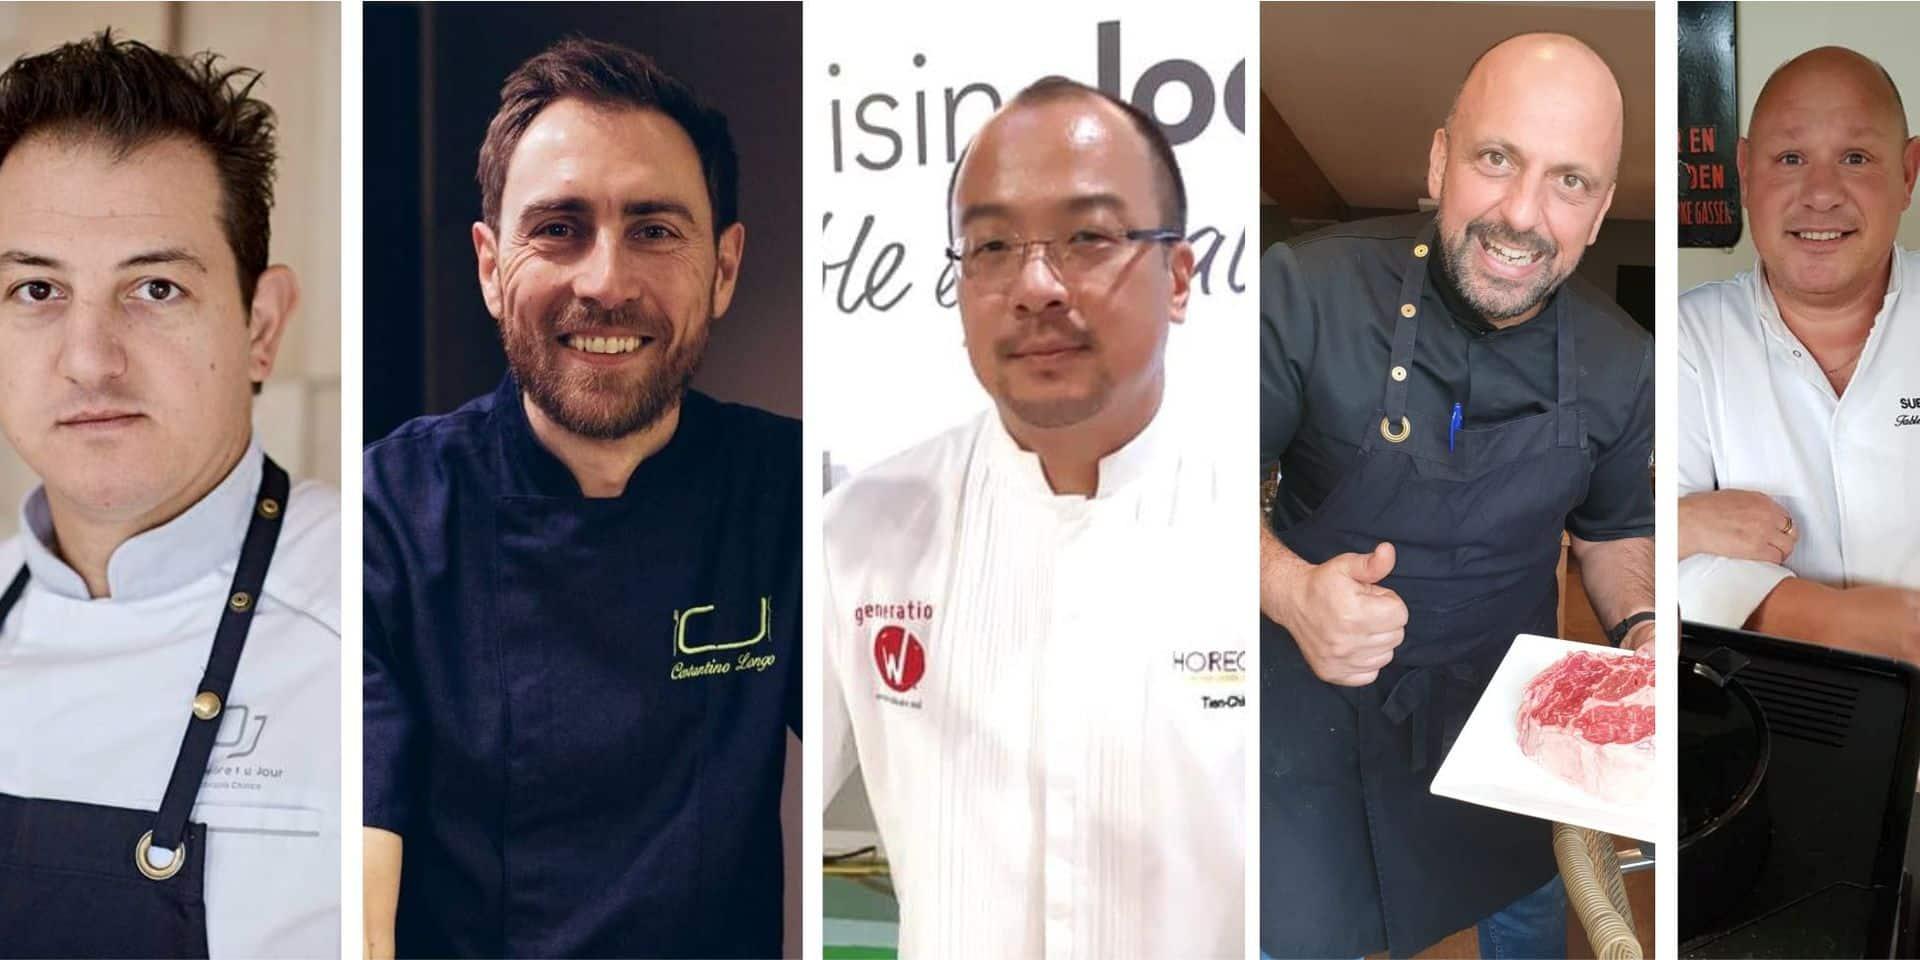 Cinq chefs préparent des repas pour les hôpitaux de Charleroi